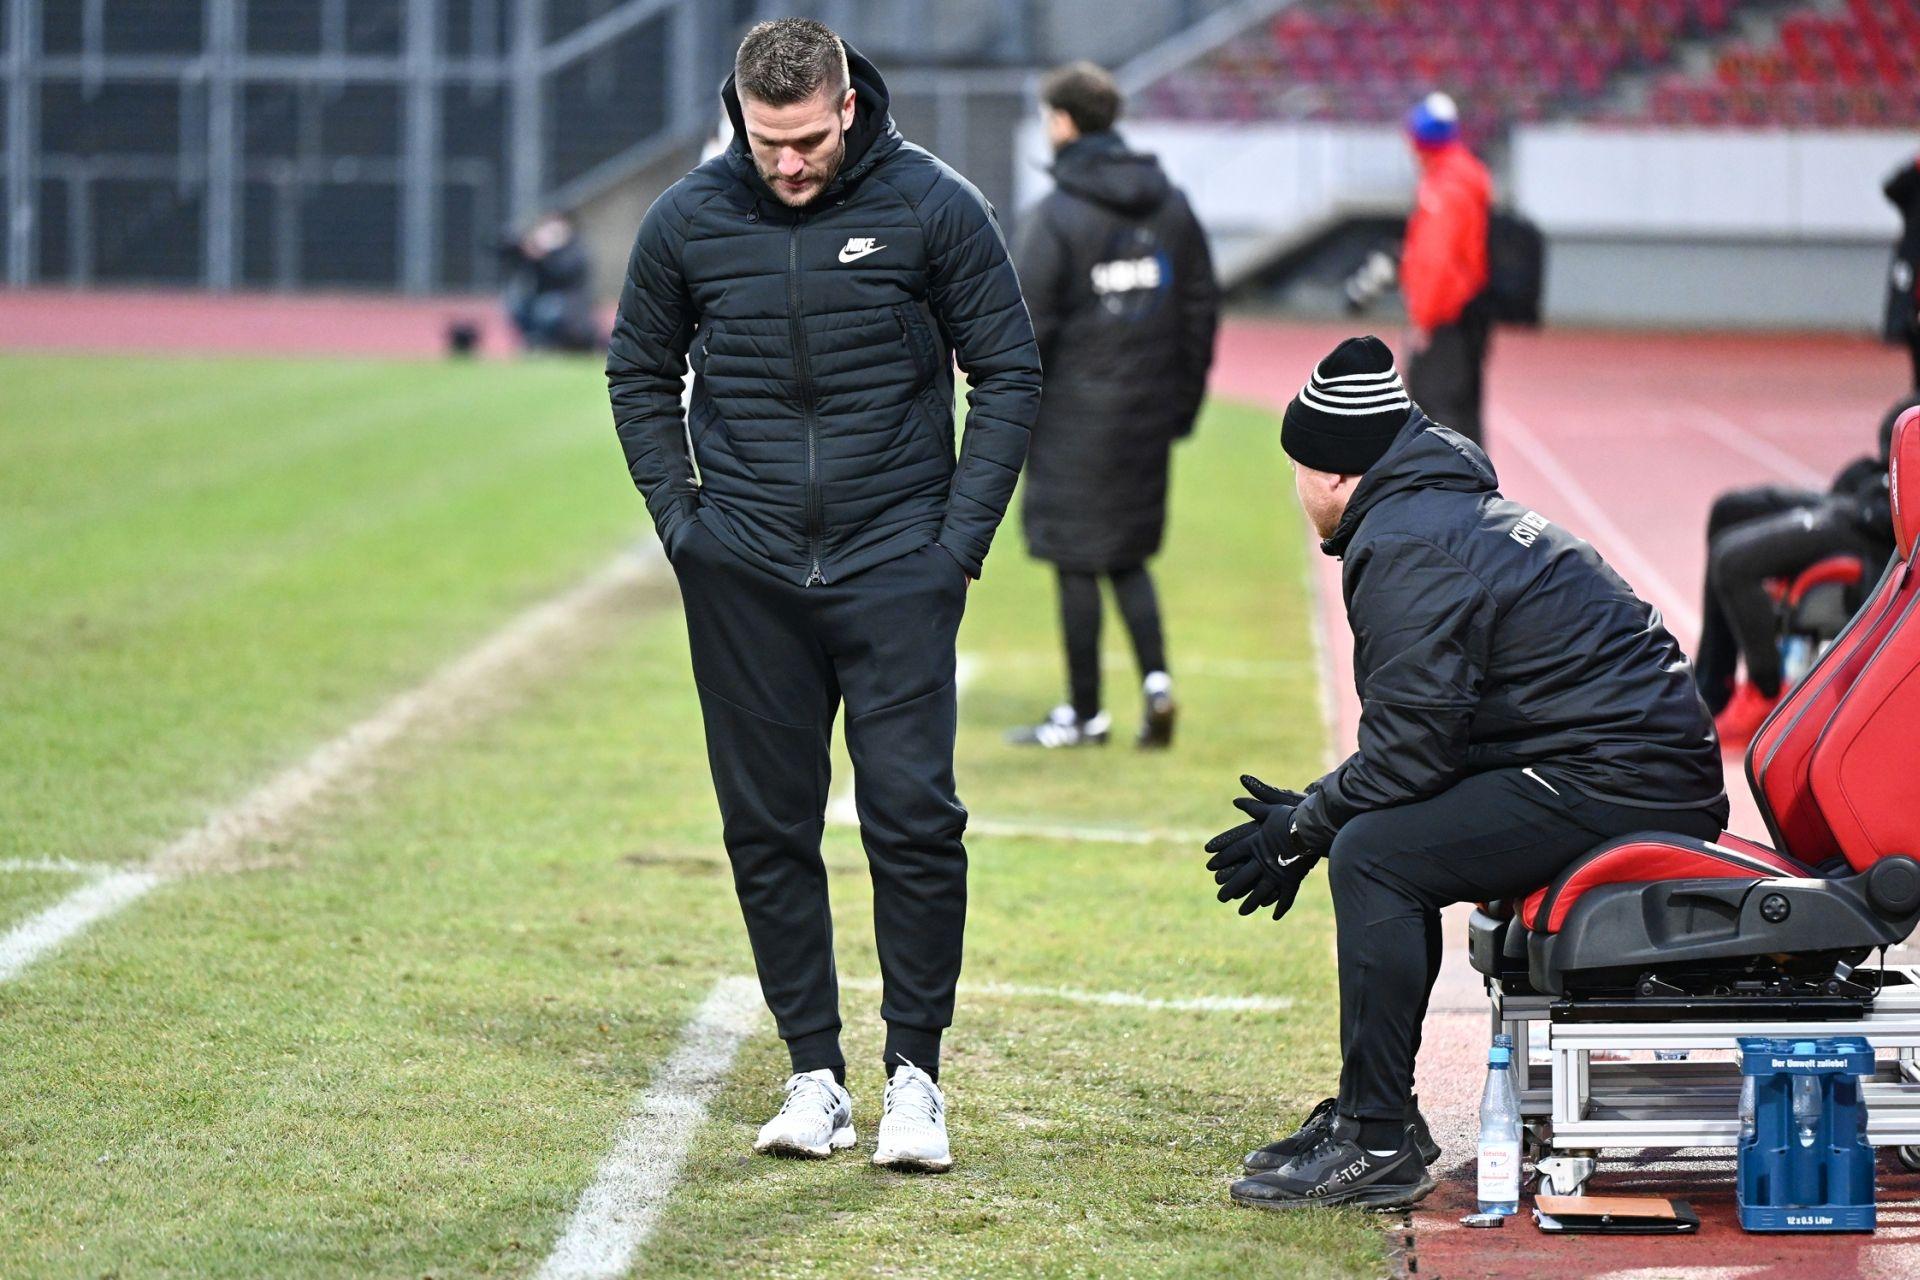 Regionalliga Südwest 2020/21, KSVHessen Kassel, TSV Steinbach Haiger, Endstand 2:1, Tobias Damm, Sebastian Busch, Trainerbank